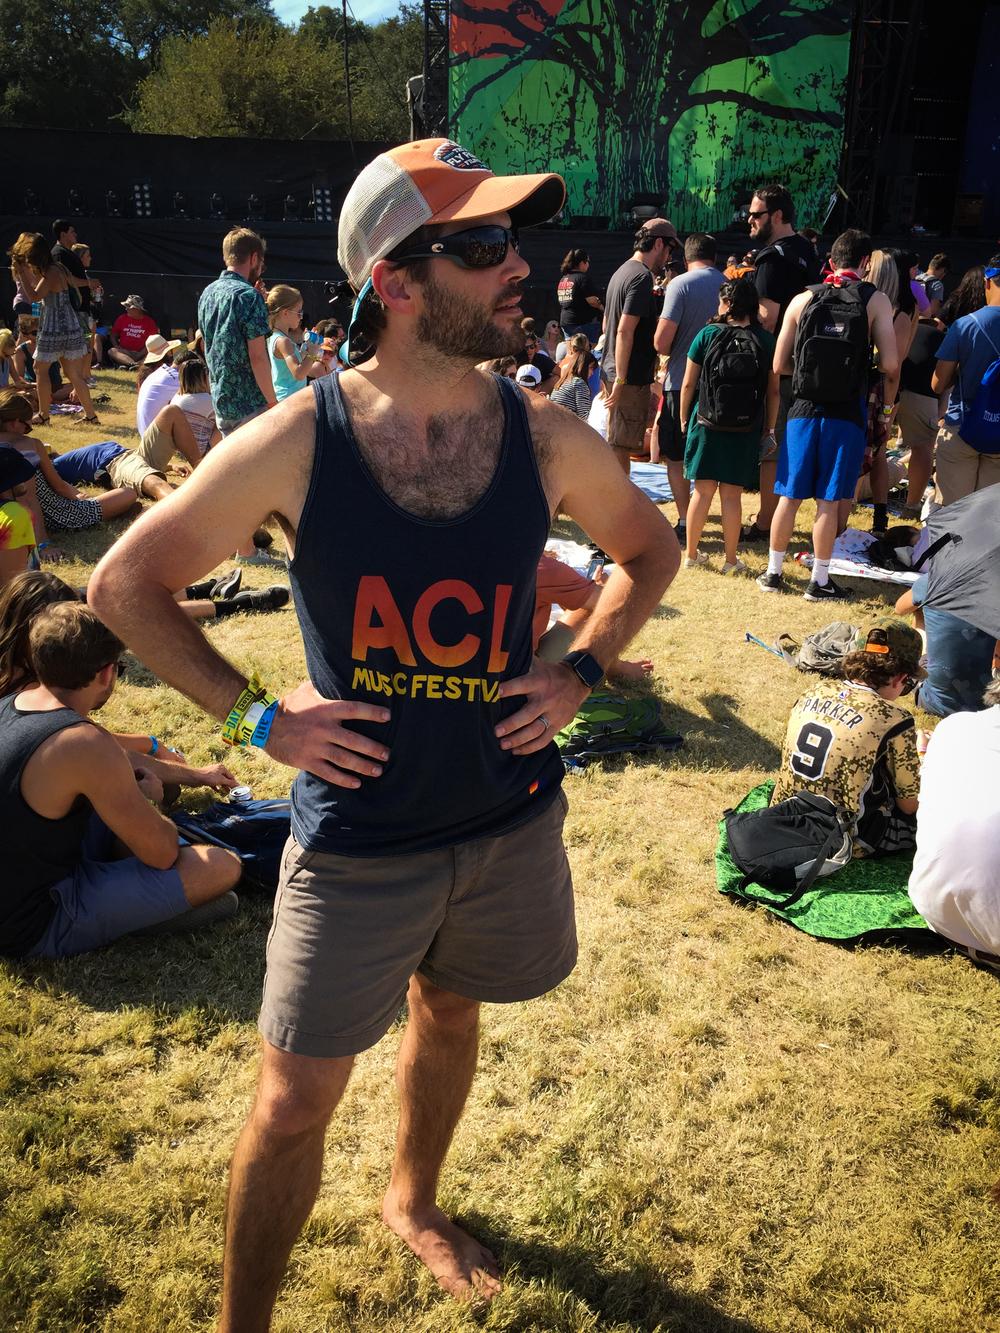 20151004-ACL_57.jpg